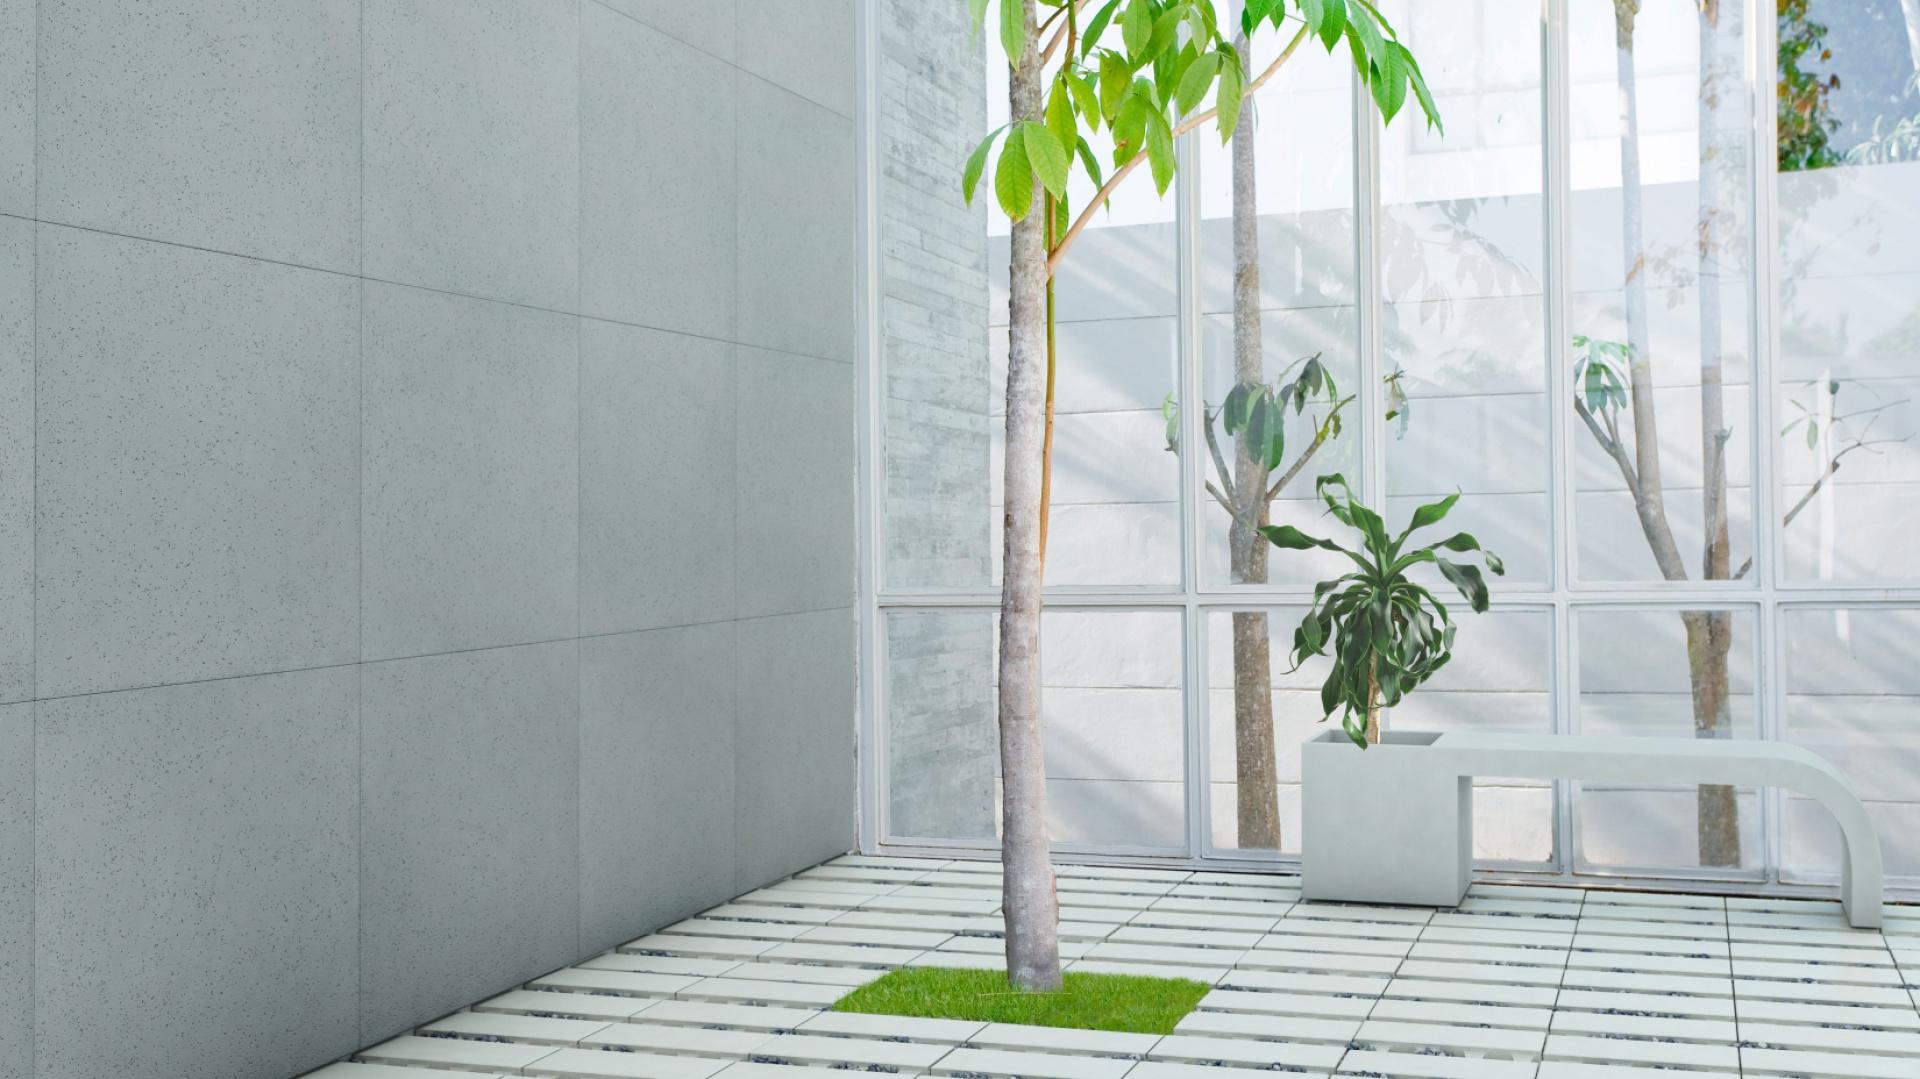 Tarasy w stylu nowoczesnym są oszczędne w doborze niemal wszystkiego: materiałów, kształtów, kolorów czy dodatków. Unikają nadmiaru, wystrzegając się w ten sposób niepożądanego efektu chaosu. Tak jak w przypadku ogrodów dominuje na nich prostota, geometryczny kształt i minimalizm. Beton to idealne uzupełnienie tych przestrzeni. Na zdjęciu: płyta ecoSolid, Slim (sciana), Ławodonica Harmony, Modern Line